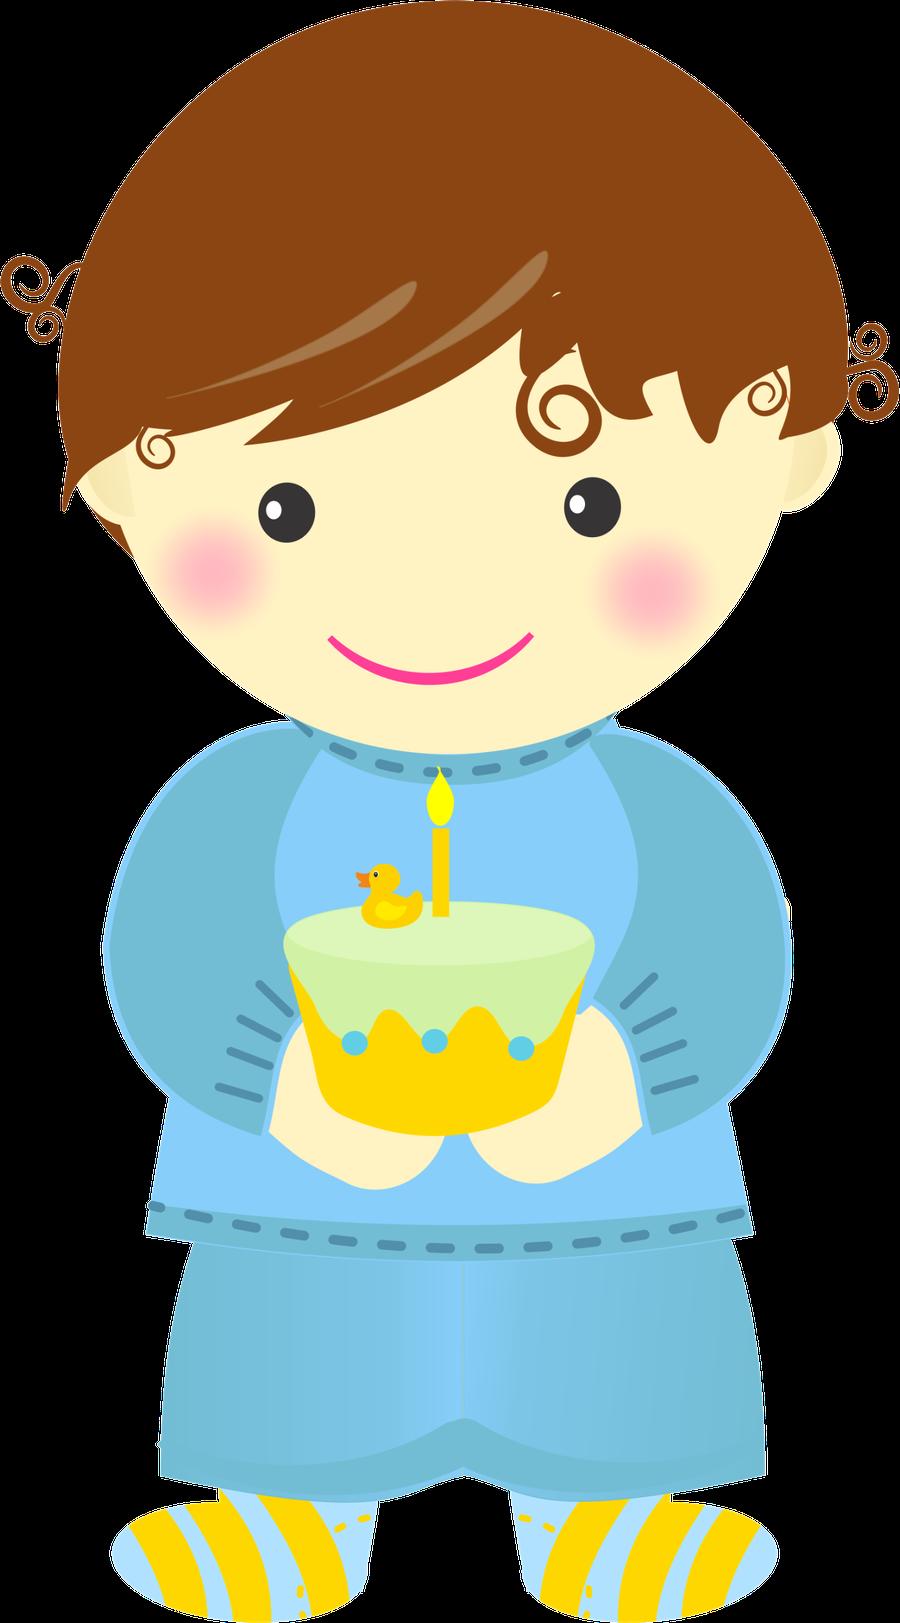 1st birthday cupcake clipart clip art royalty free Bebê (Menino e Menina) - Minus | CLIPART - BABY, BABY CLOTHES, BABY ... clip art royalty free